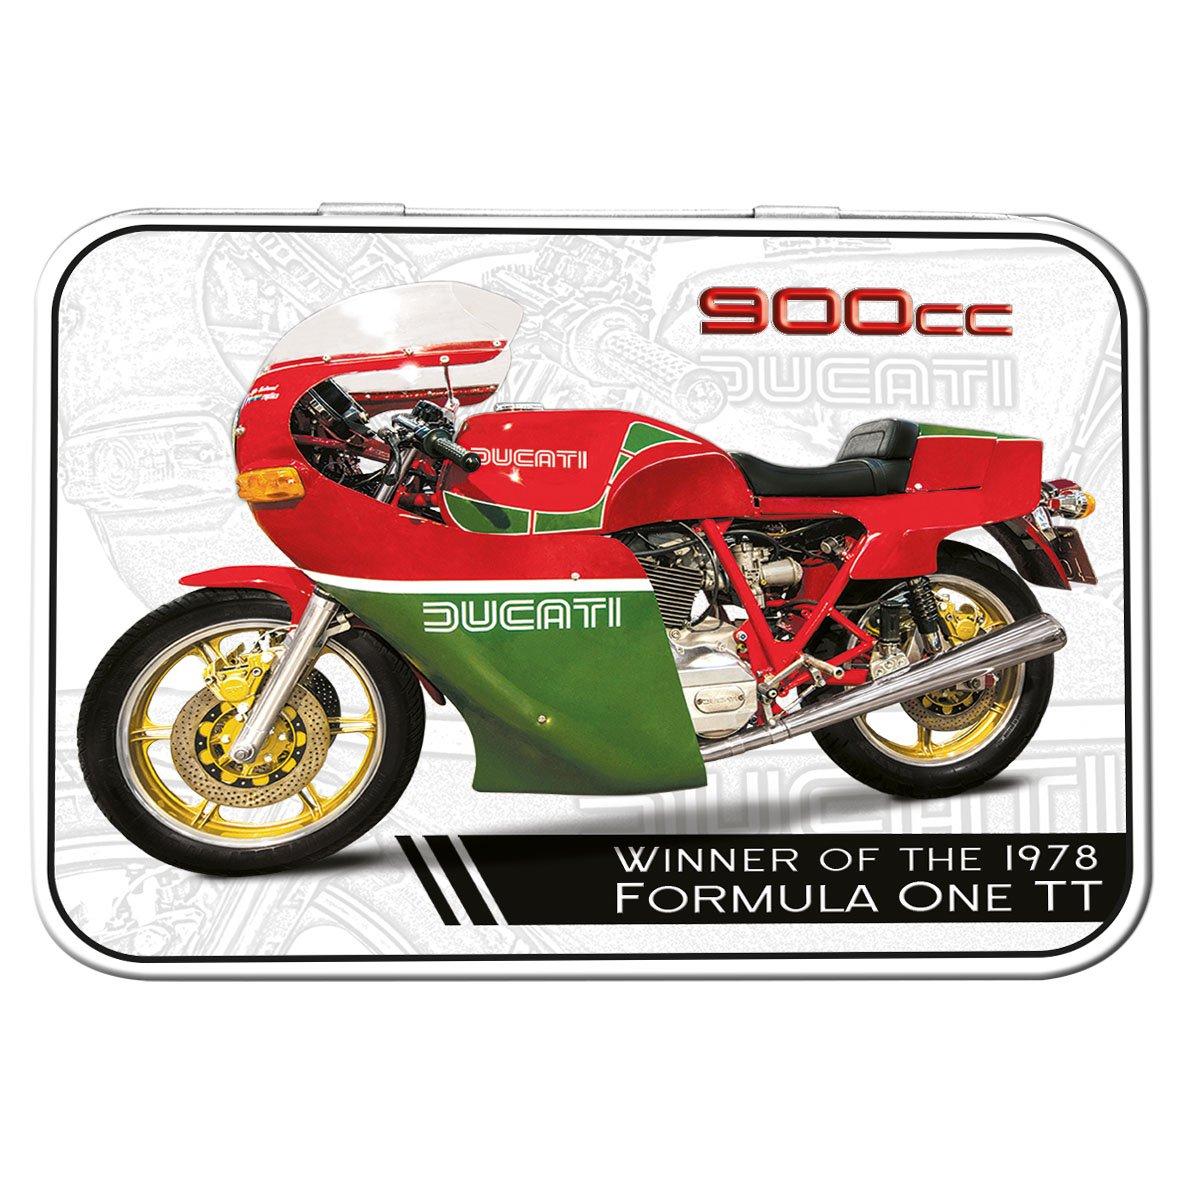 Red Hot Citron Ducati 900CC Mike Hailwood Souvenir Étain, Rouge/Vert, 111x 80x 21mm Red Hot Lemon 50432